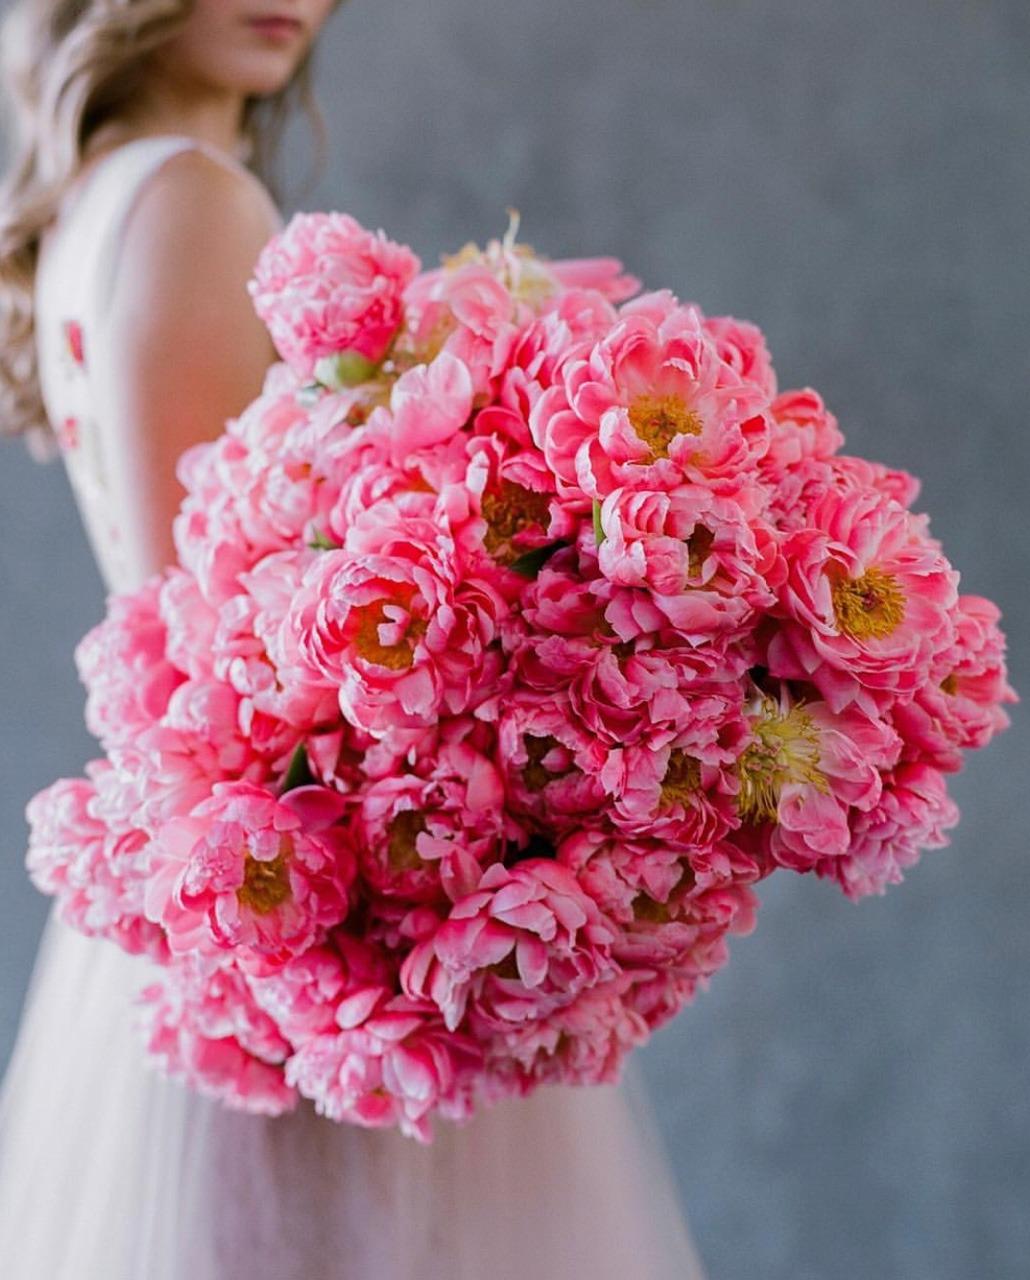 Фото Девушка с букетом розовых пионов